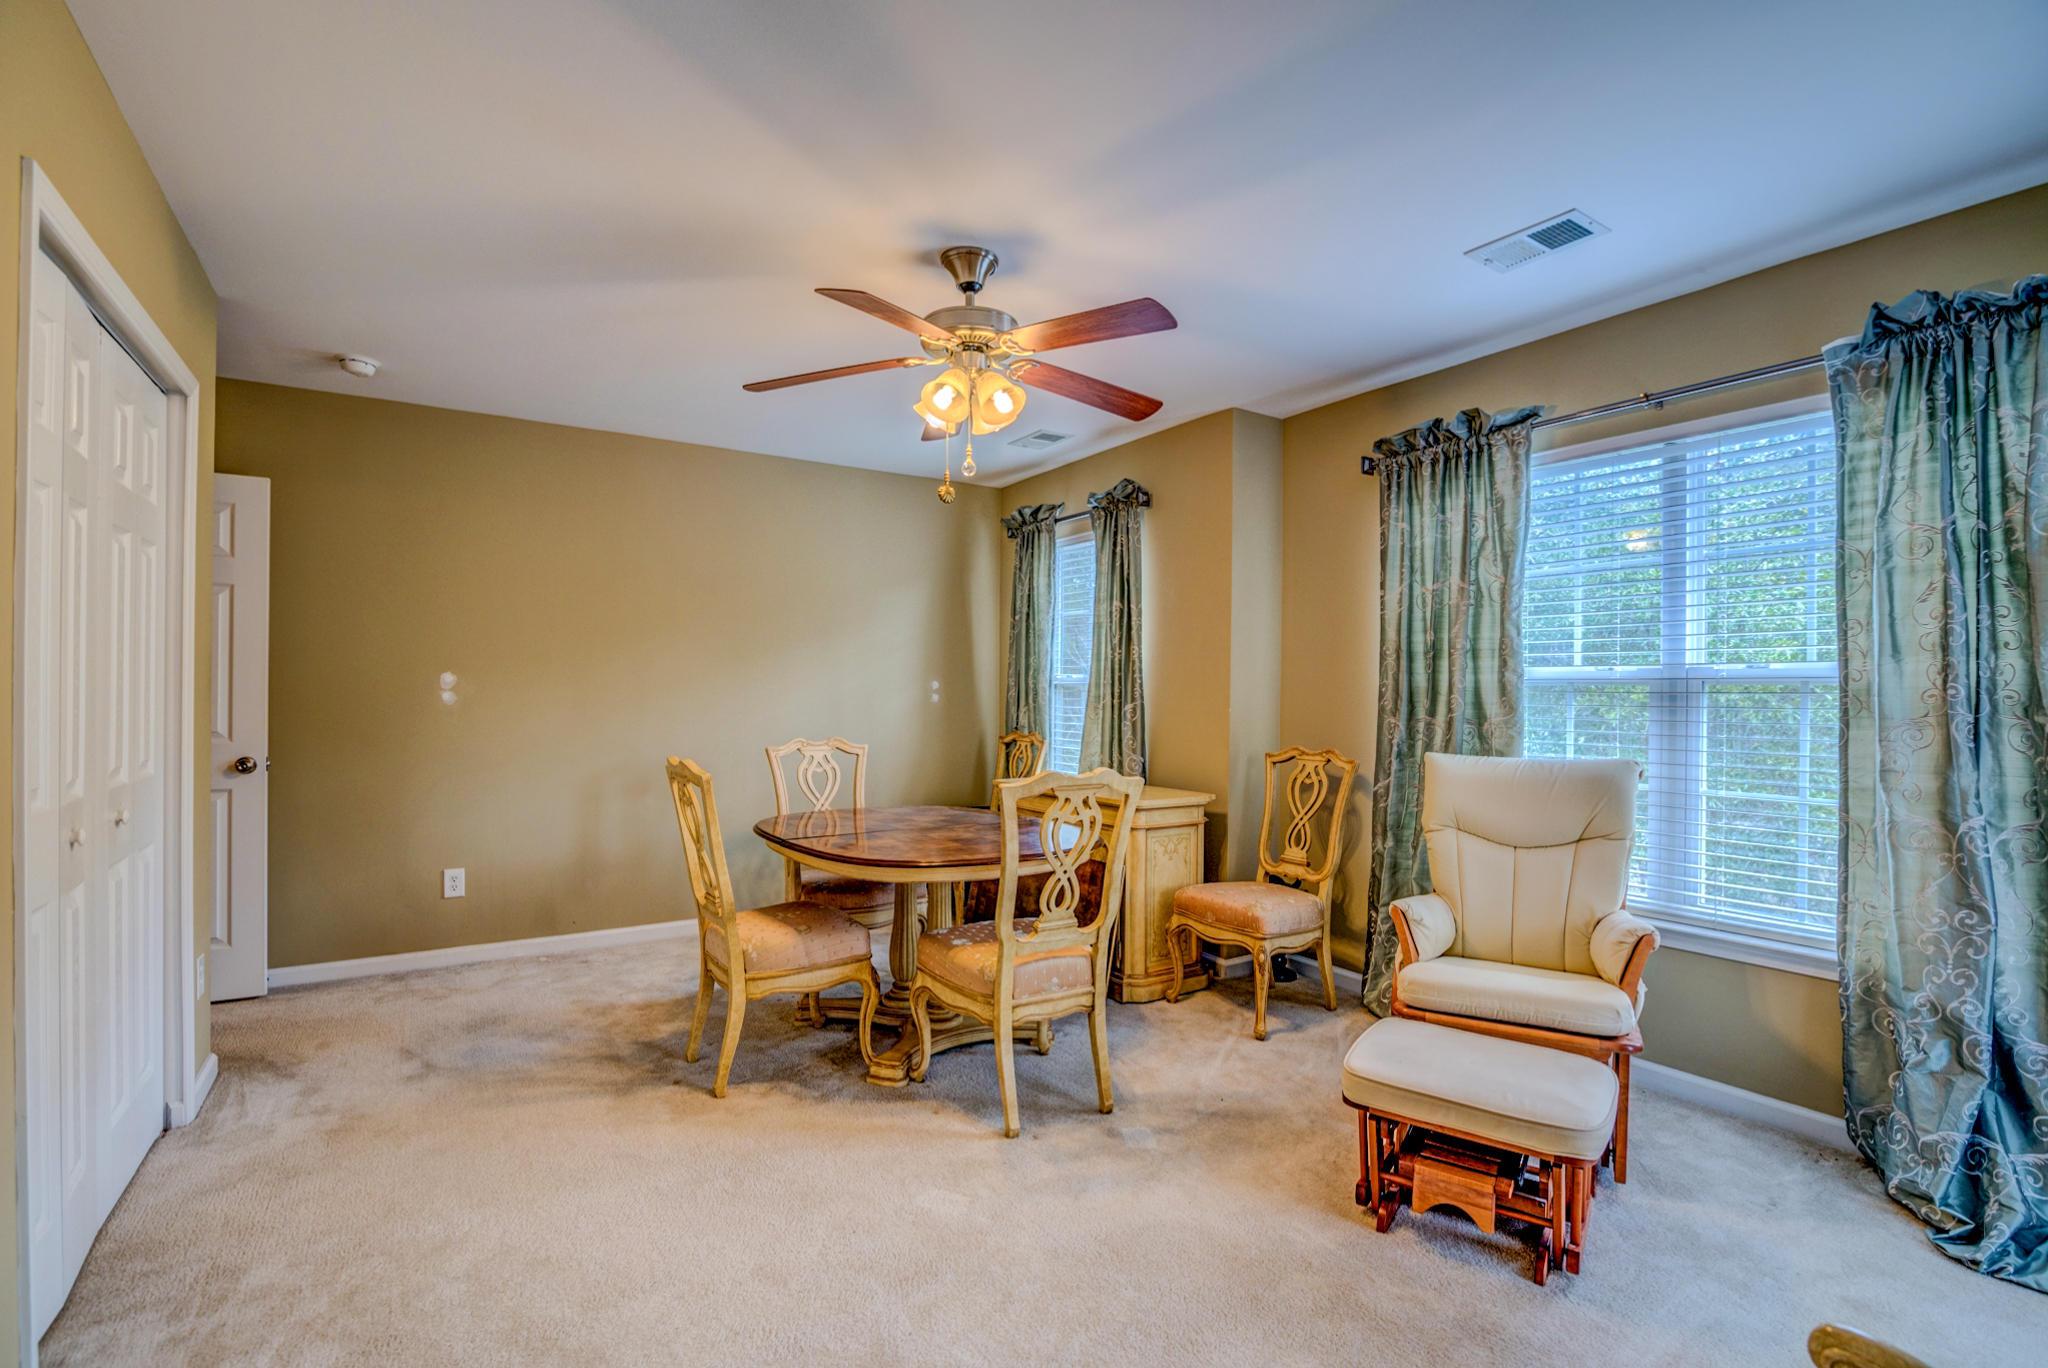 Park West Homes For Sale - 3001 Parkwest, Mount Pleasant, SC - 10